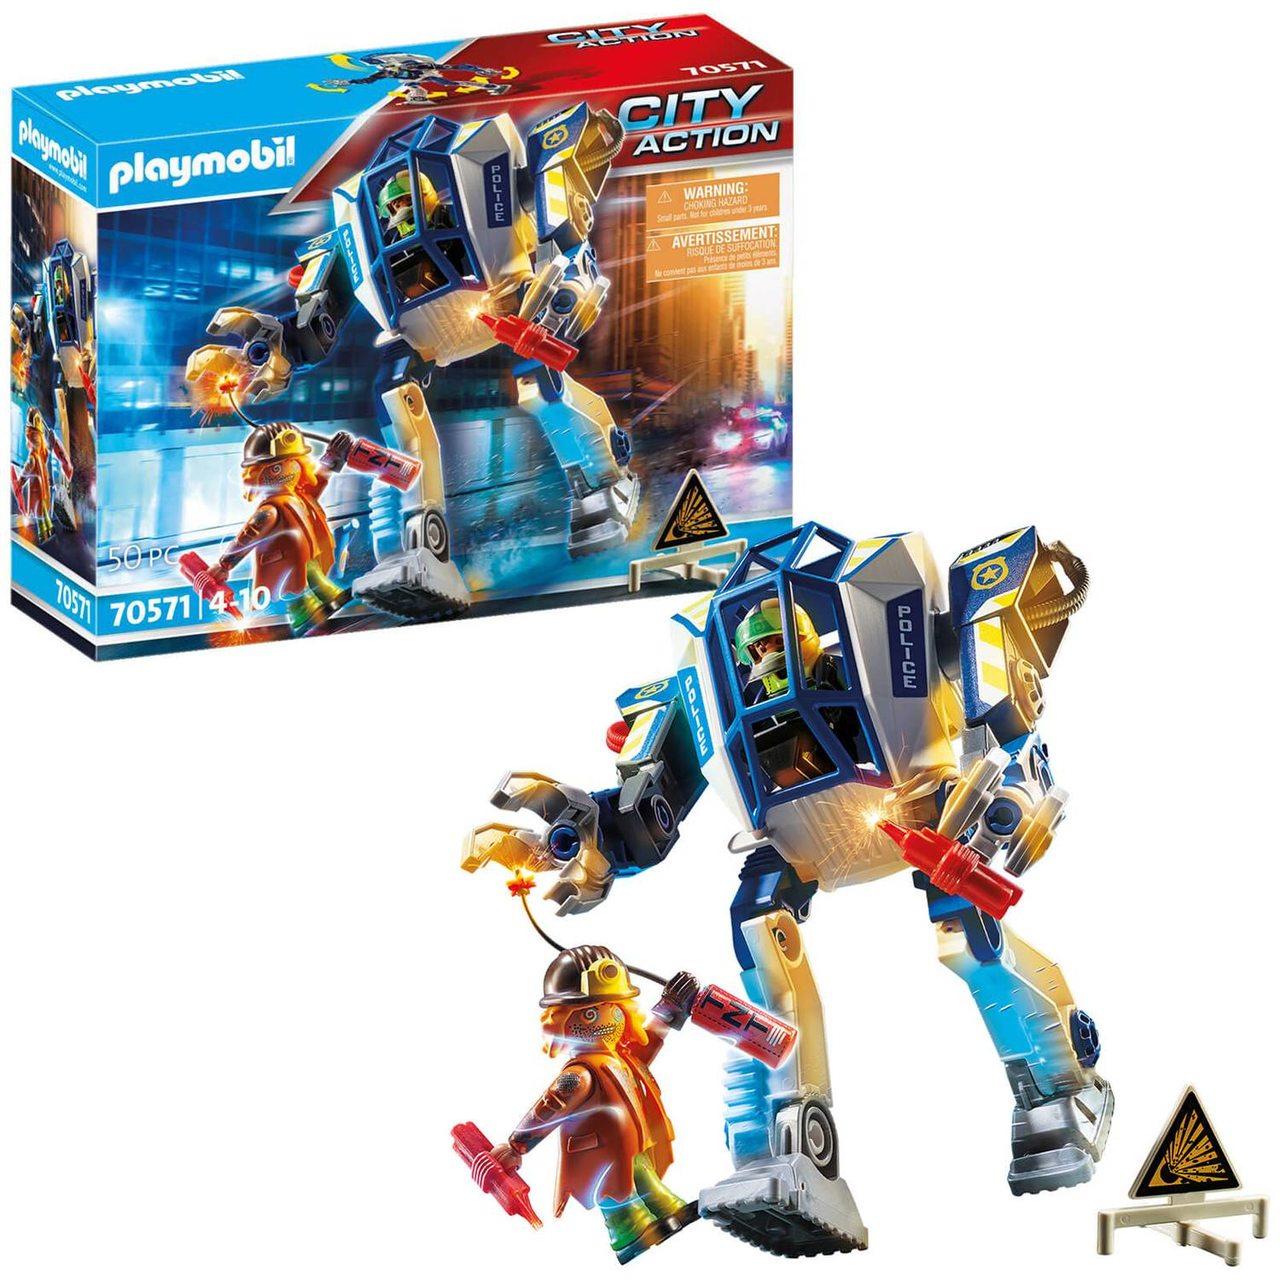 Playmobil Robô Operações Especiais City Action 50 pçs 70571